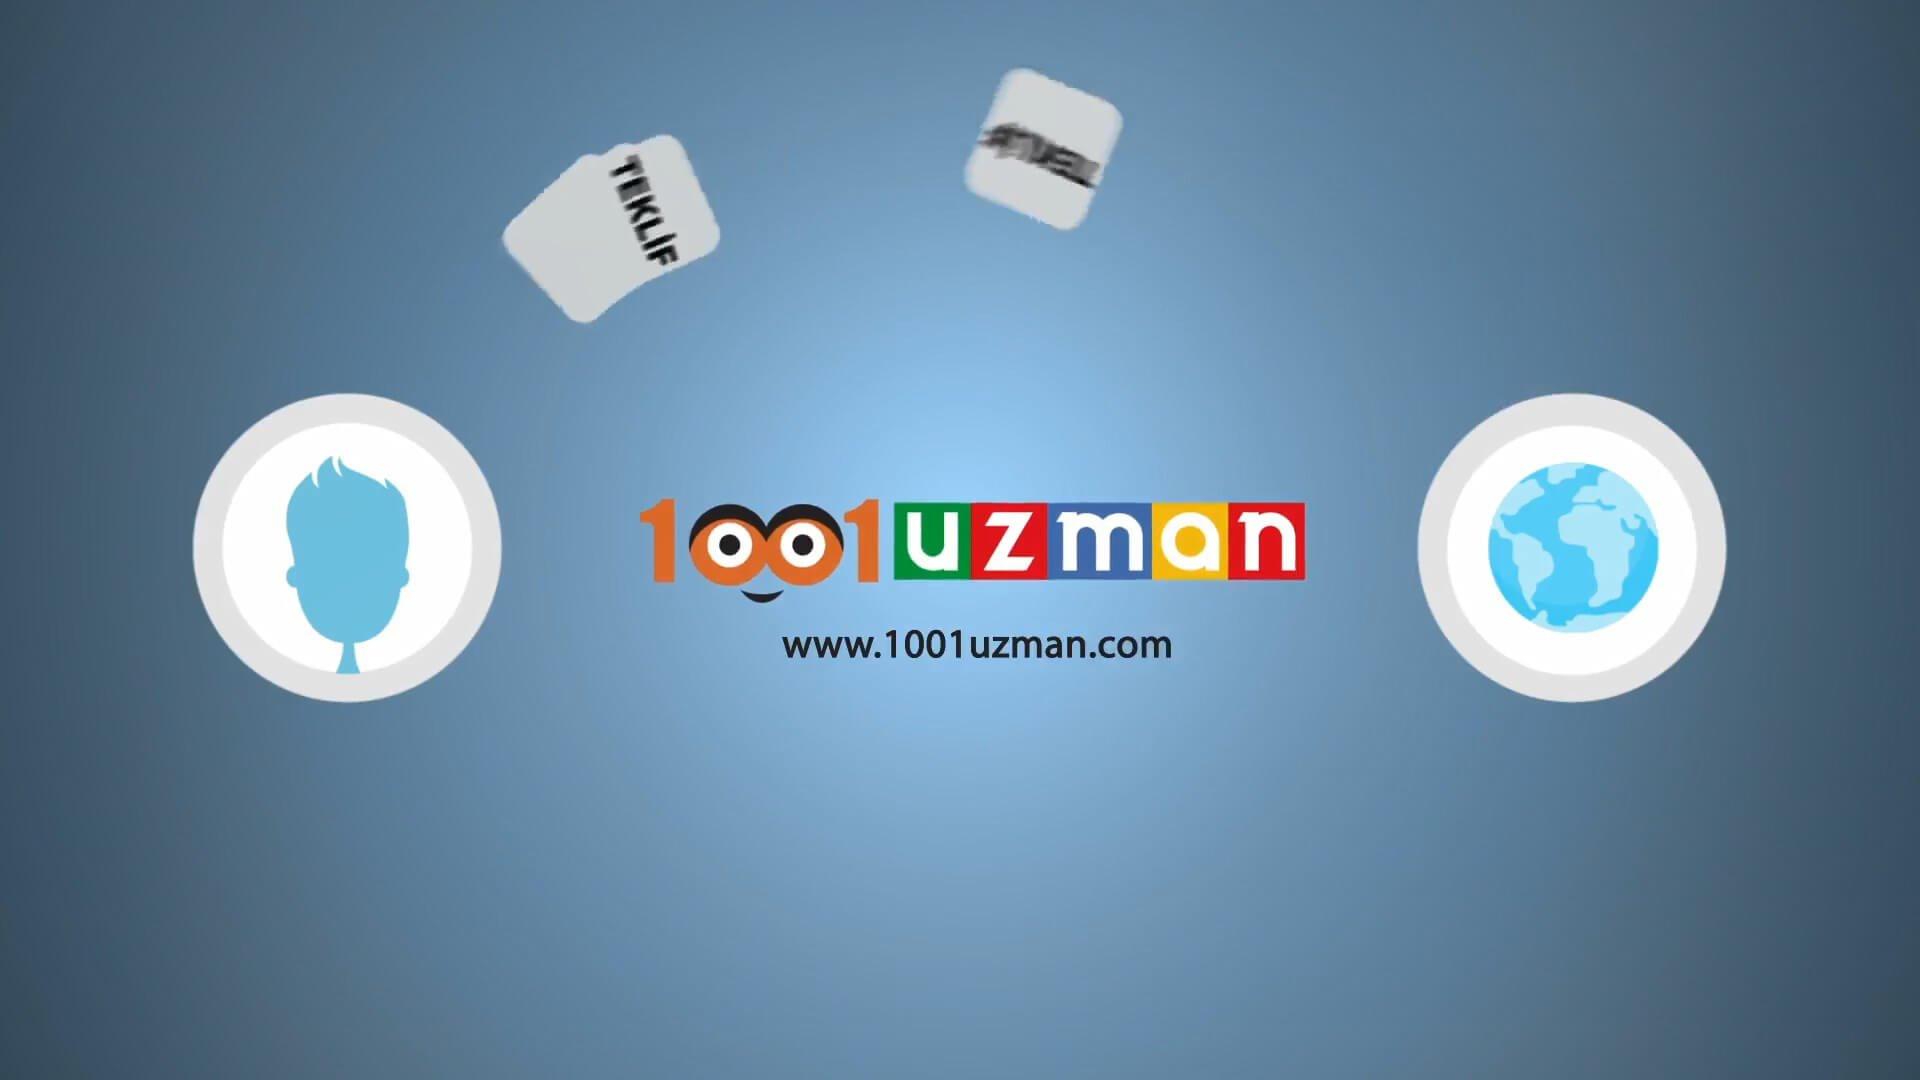 1001Uzman1 1920x1080 - Fuarlara Özel Çalışmalar